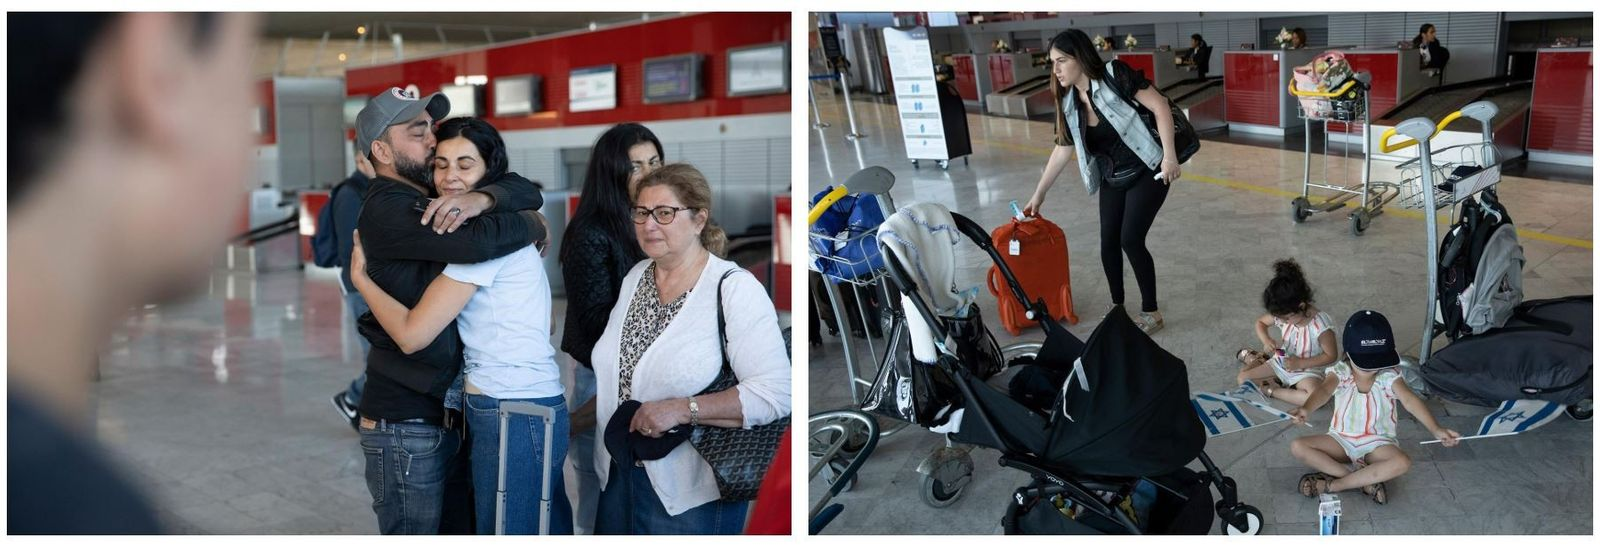 Yael Zeitoun despede-se da sua família